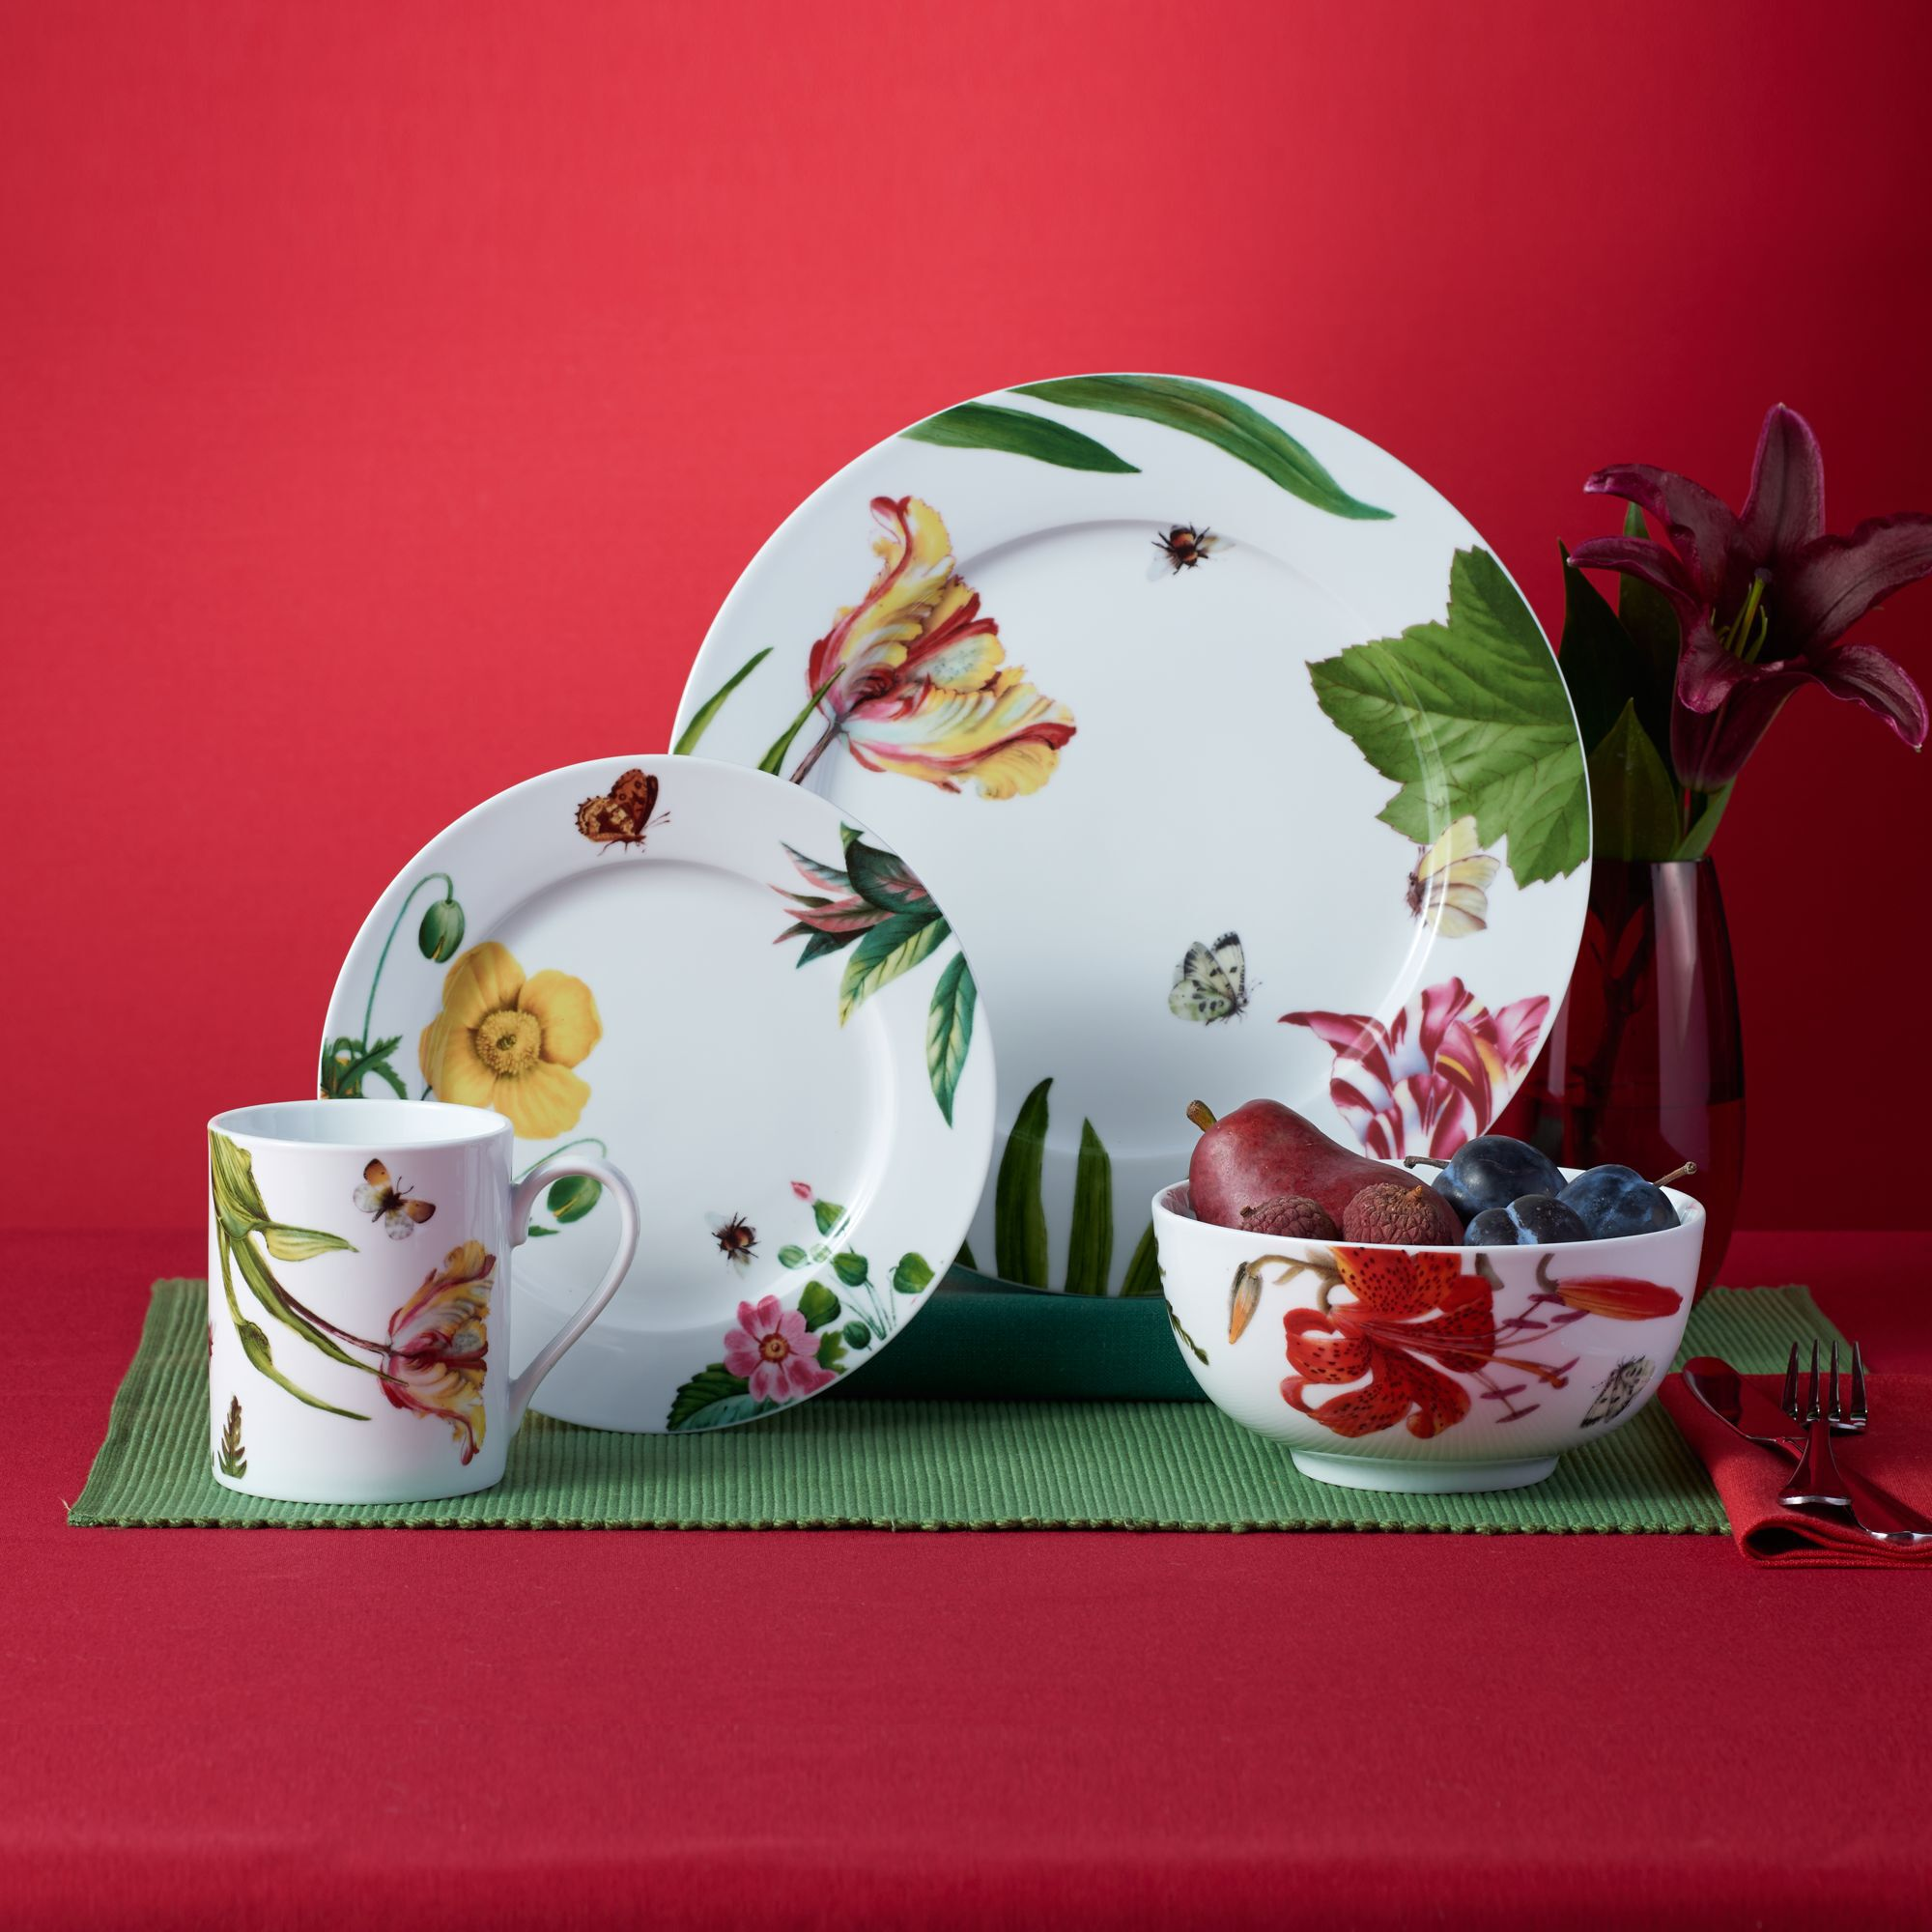 Royal Worcester U0026quot;Floral Havenu0026quot; Porcelain Dinnerware, ...